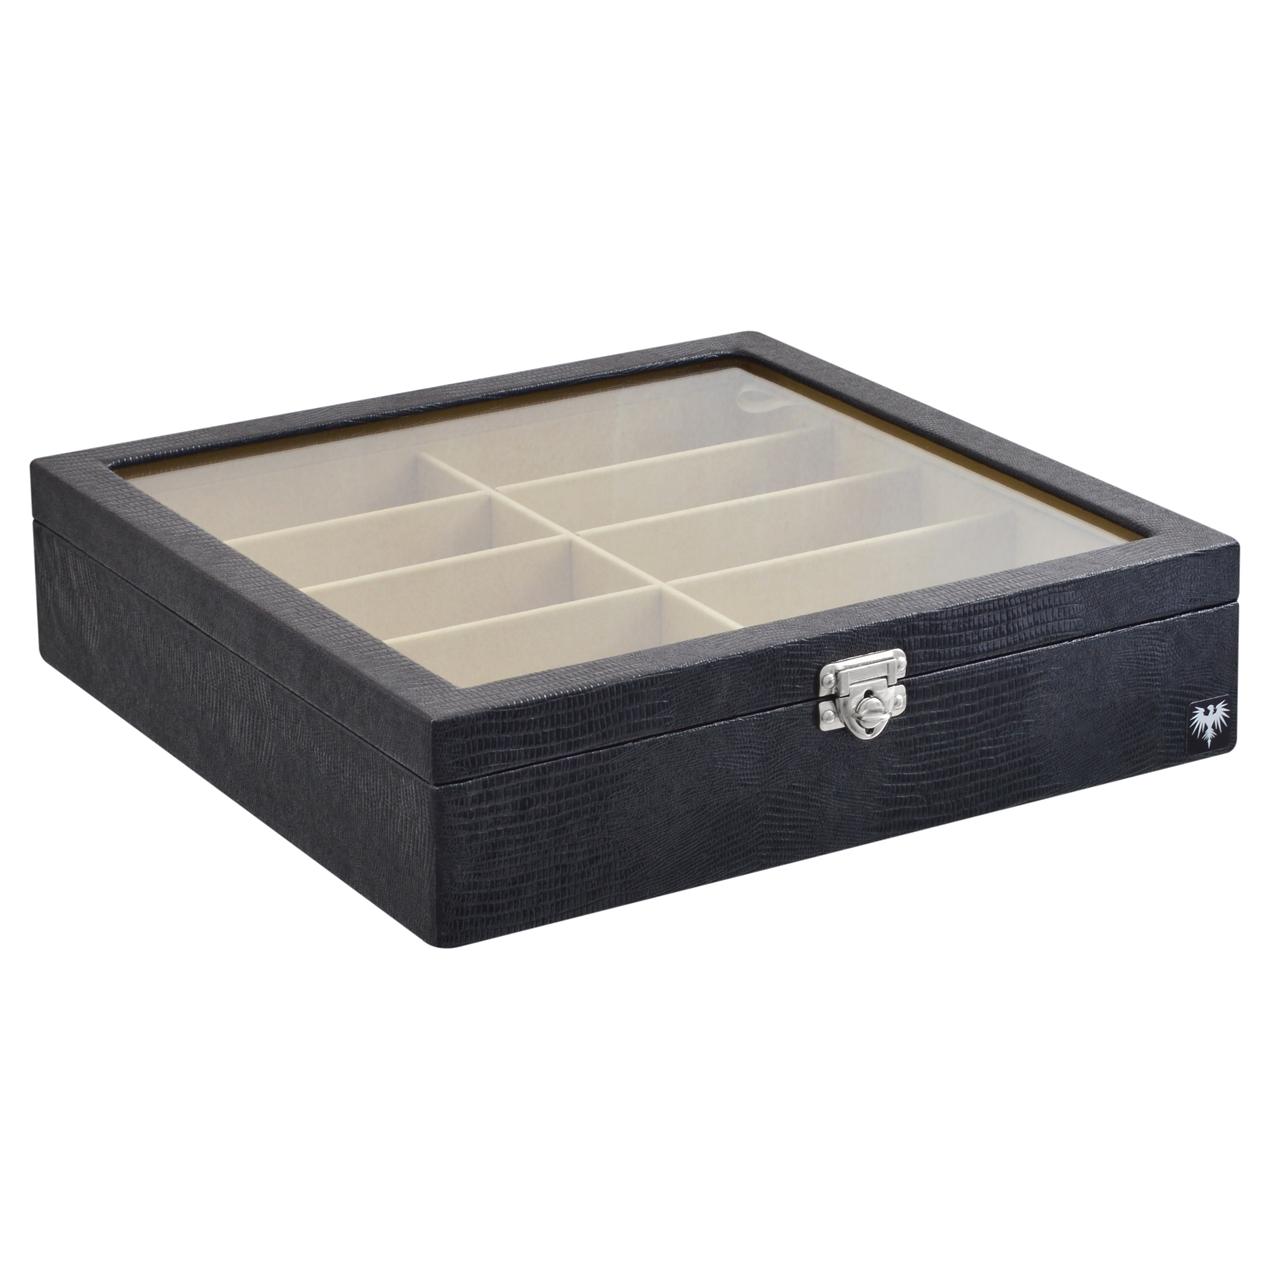 estojo-couro-ecologico-10-oculos-preto-bege-porta-caixa-imagem-12.jpg